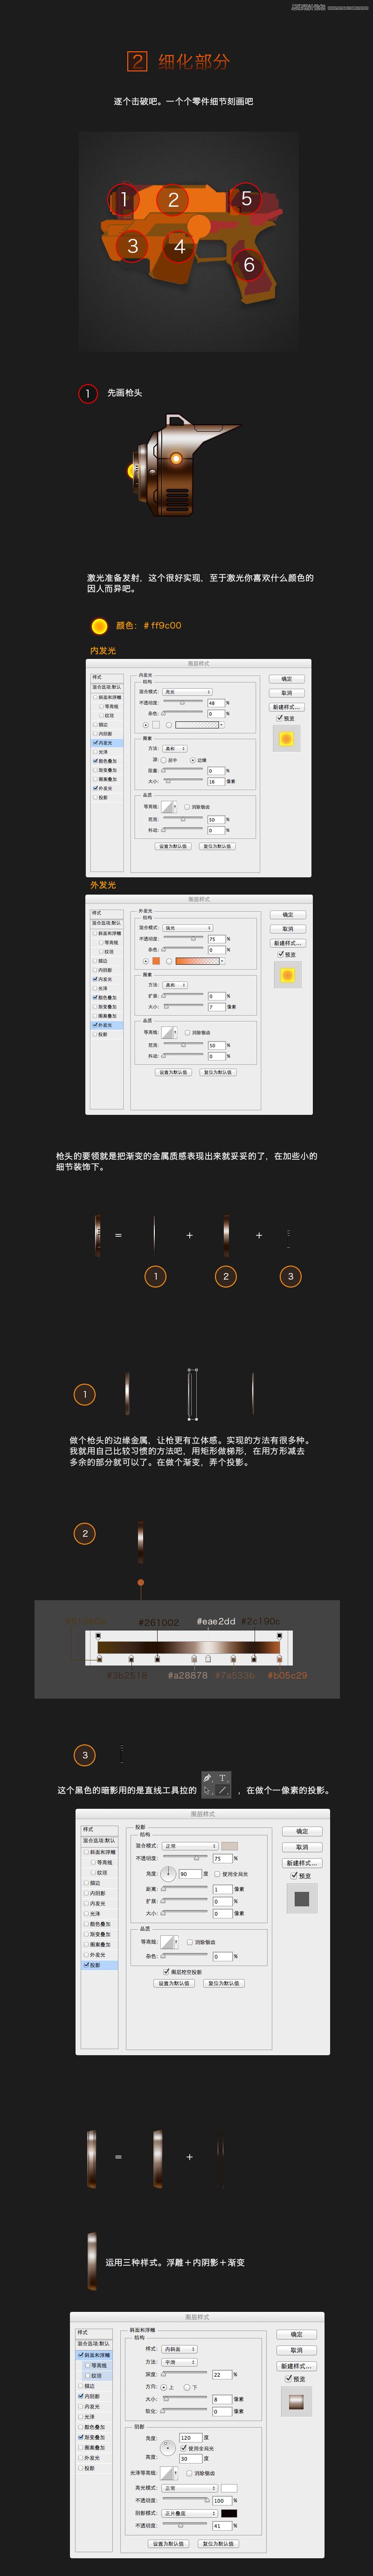 Photoshop繪製科幻電影中的手槍效果圖